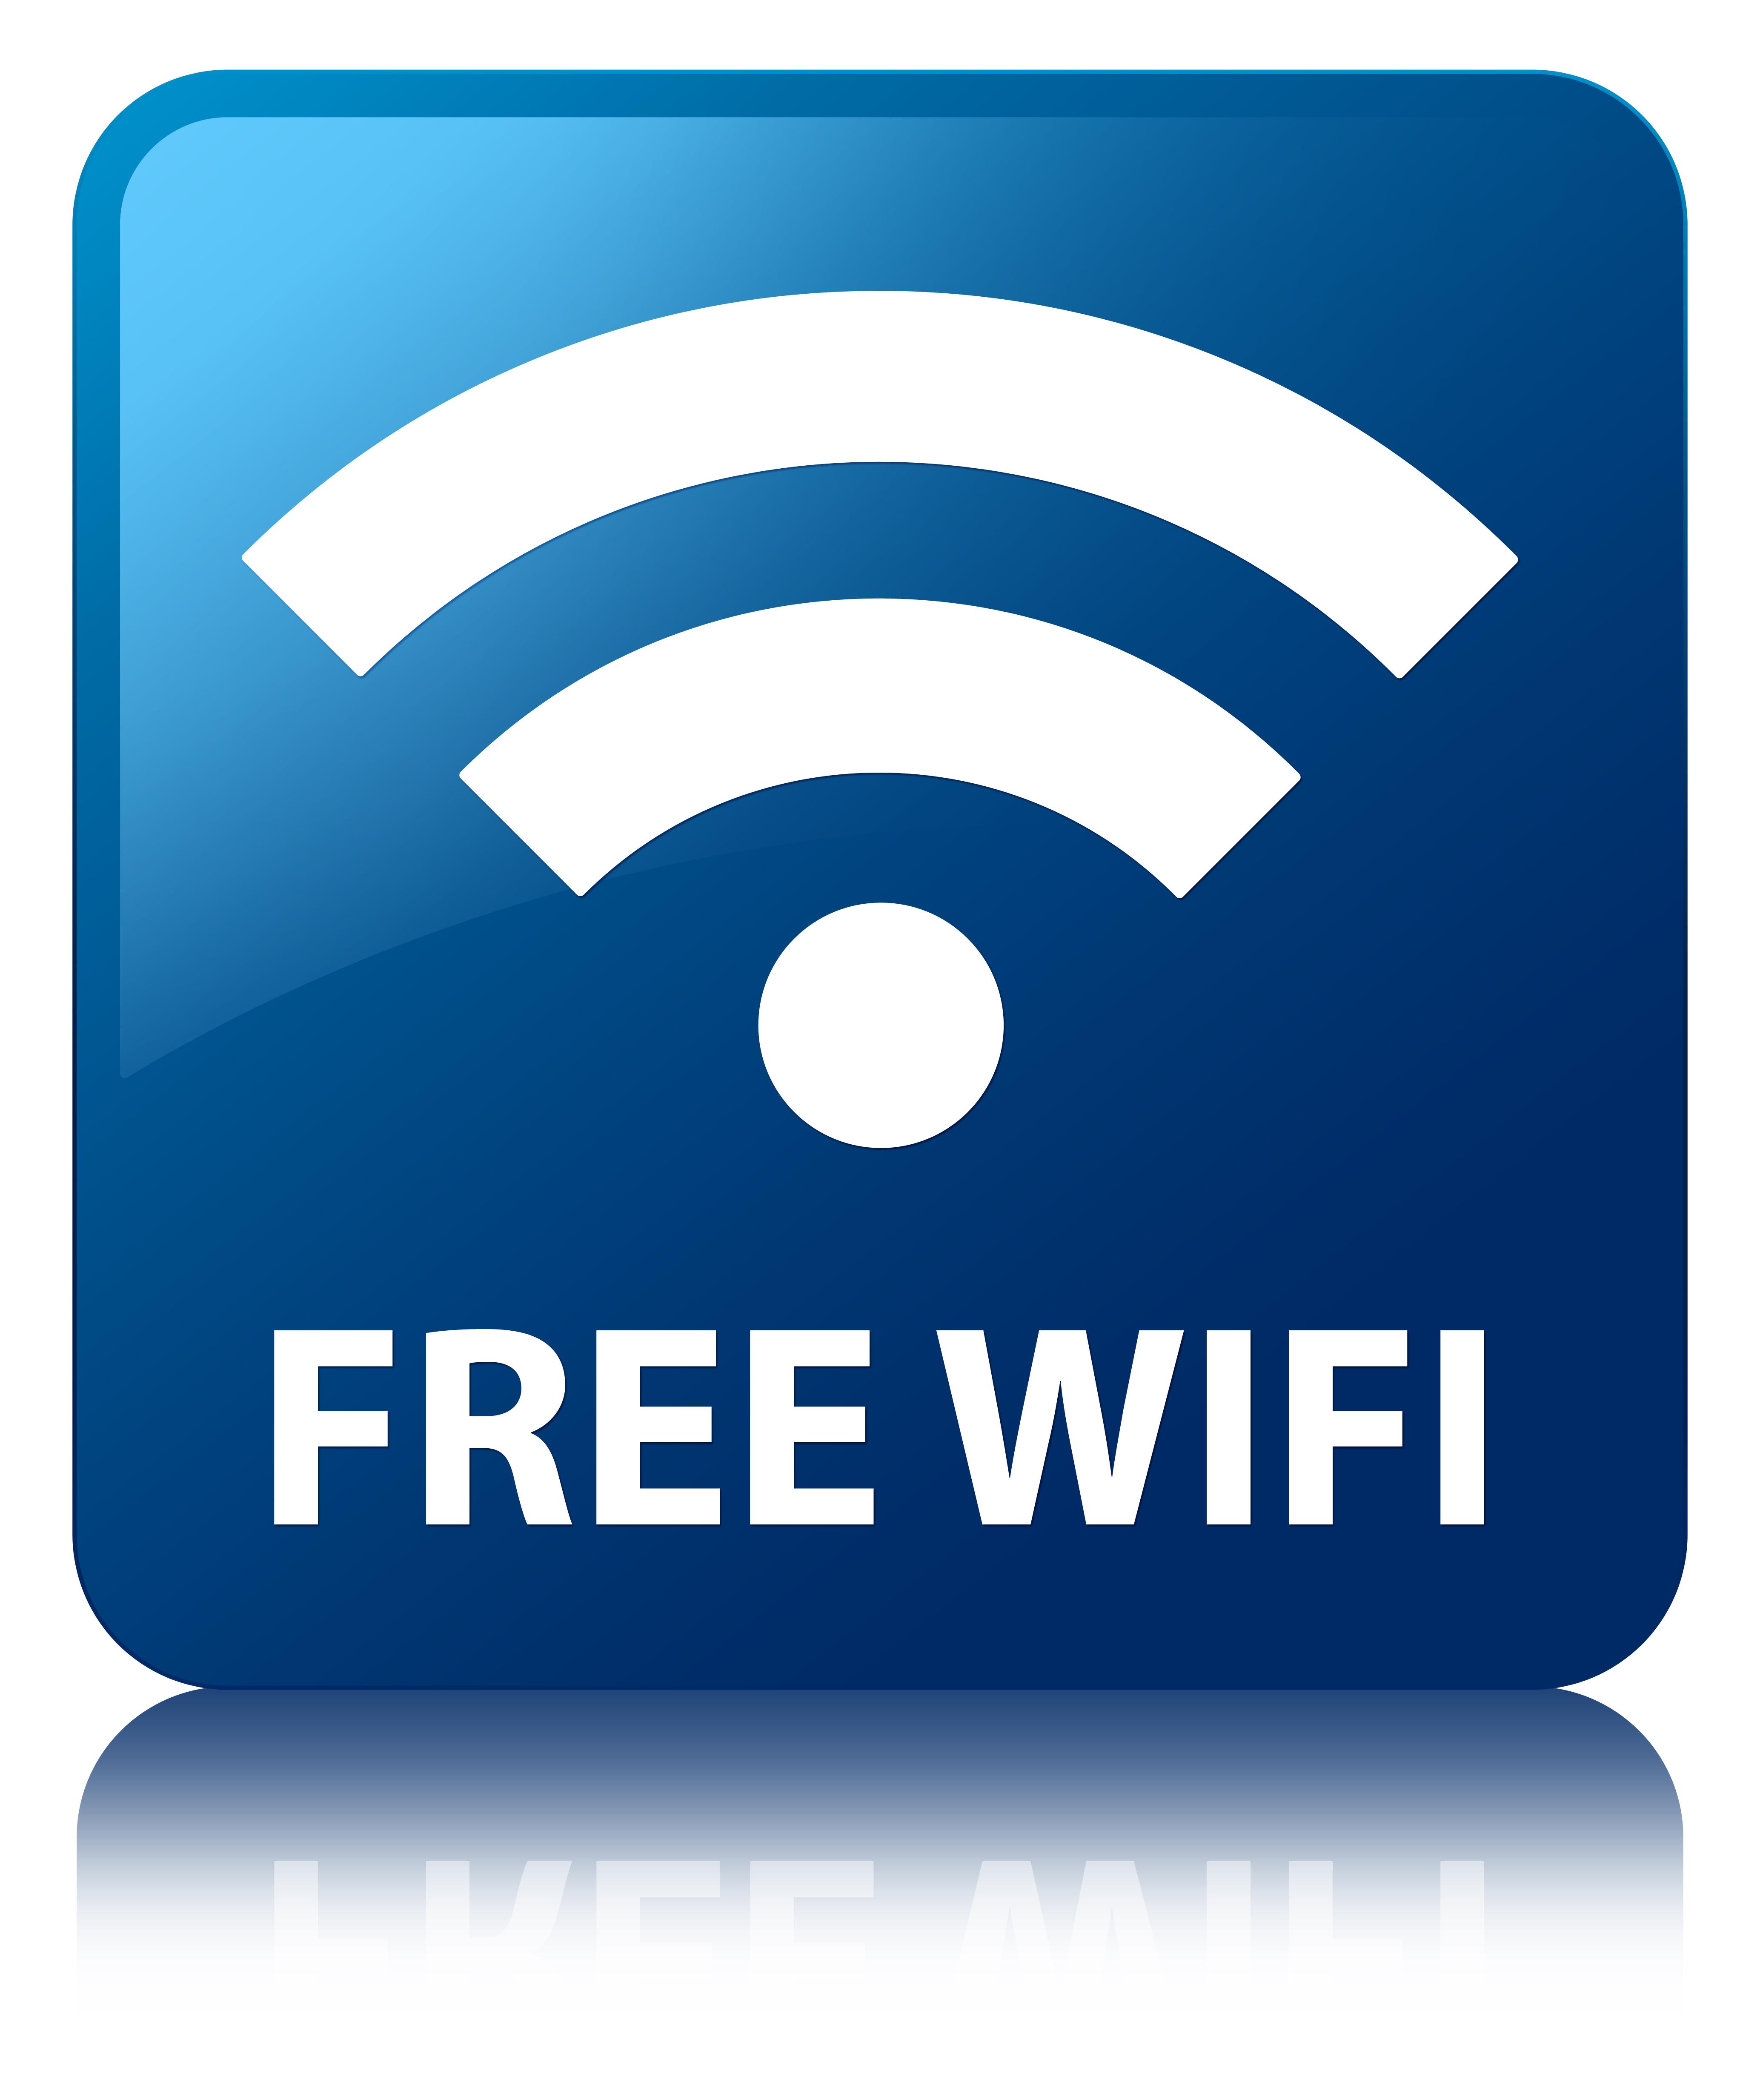 Free Wifi_shutterstock_124519945